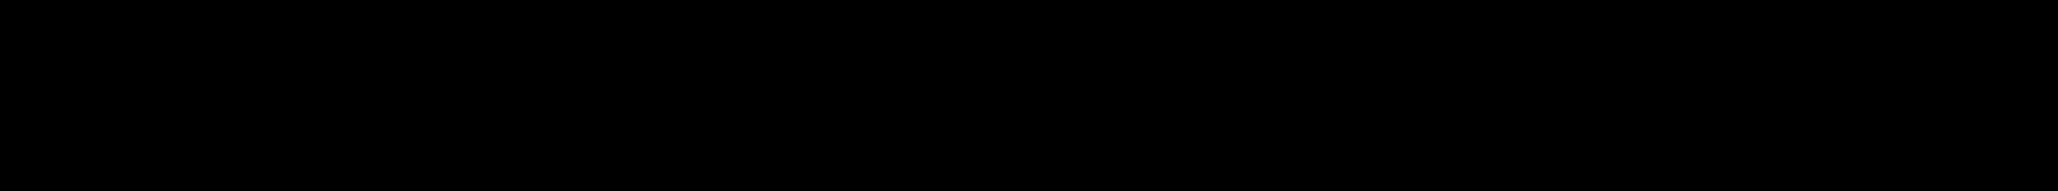 Design System E 500R